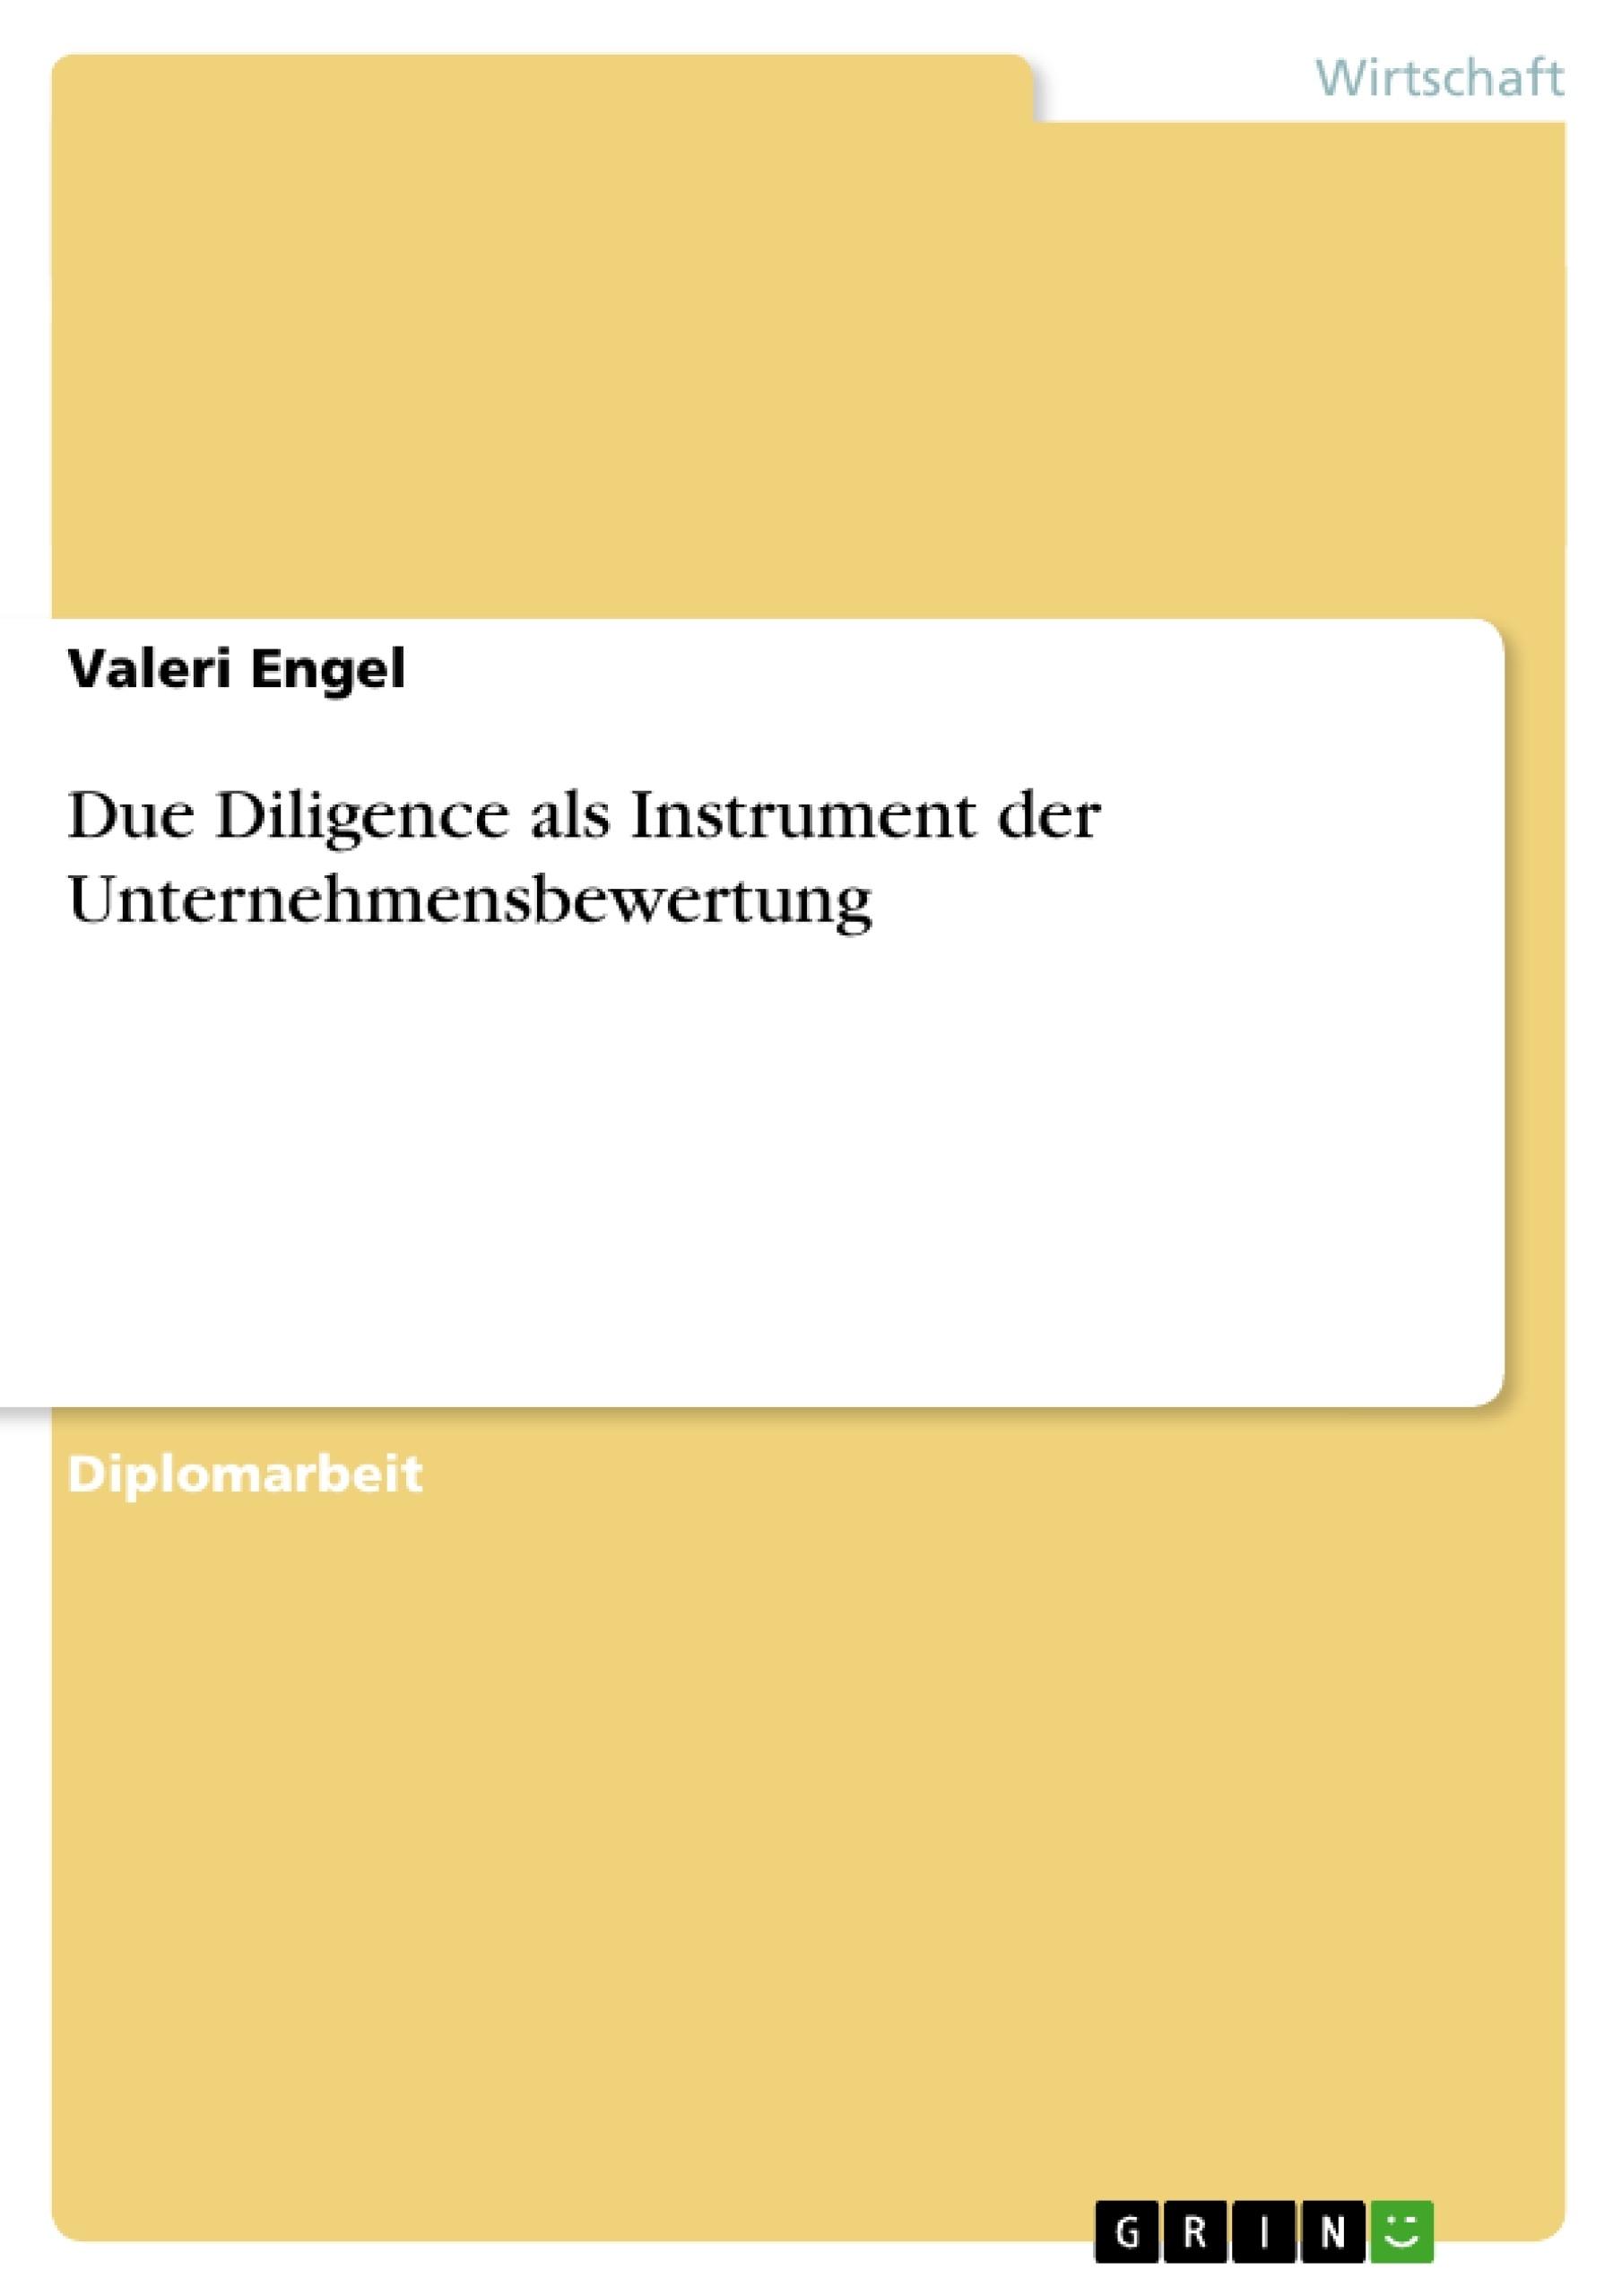 Titel: Due Diligence als Instrument der Unternehmensbewertung